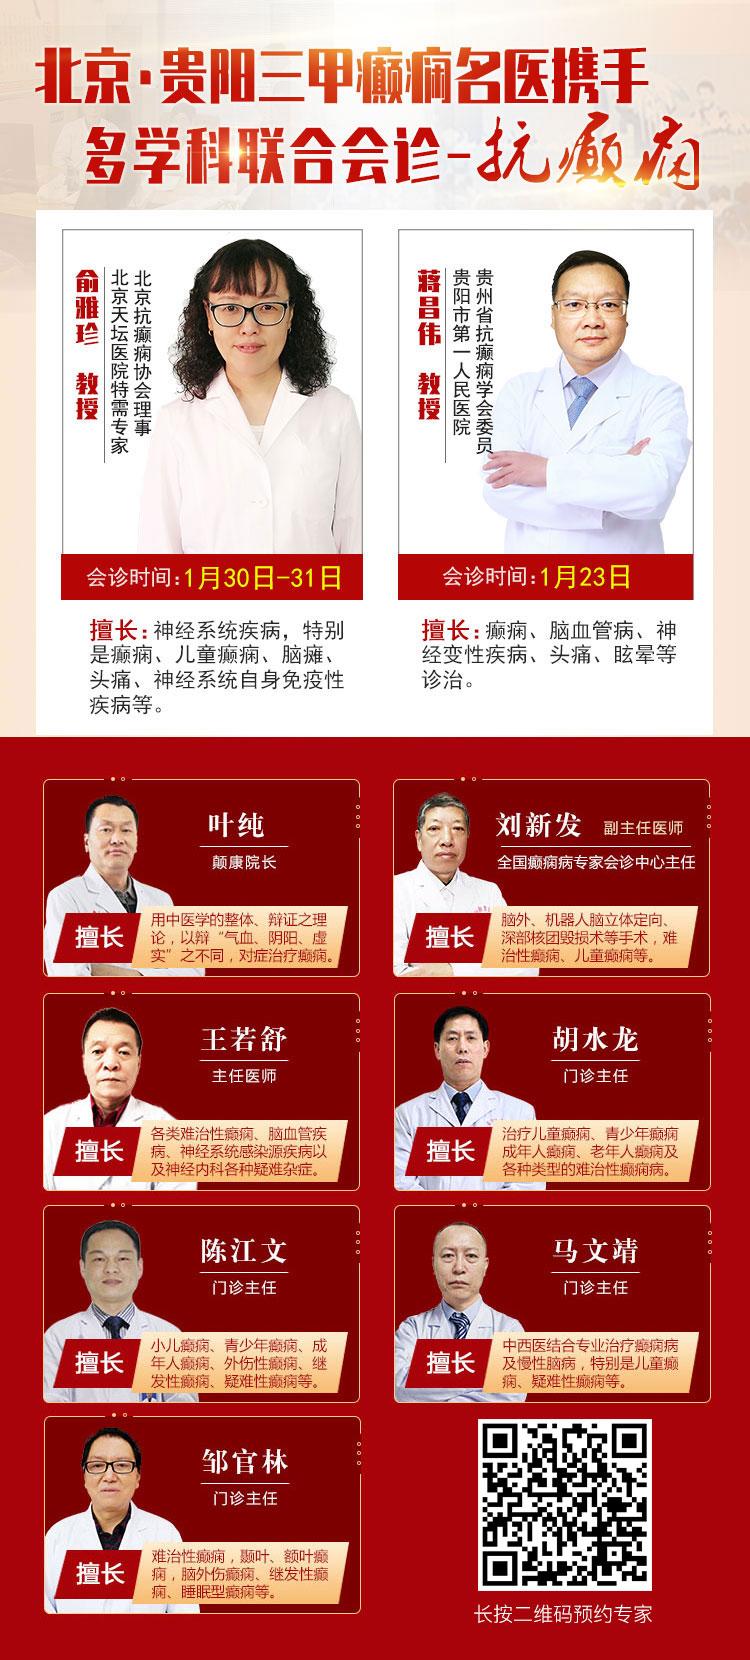 """@癫痫病友,2021贵州红十字癫痫病患者康复基金""""贵州省癫痫病友康复会""""共享健康计划启动"""